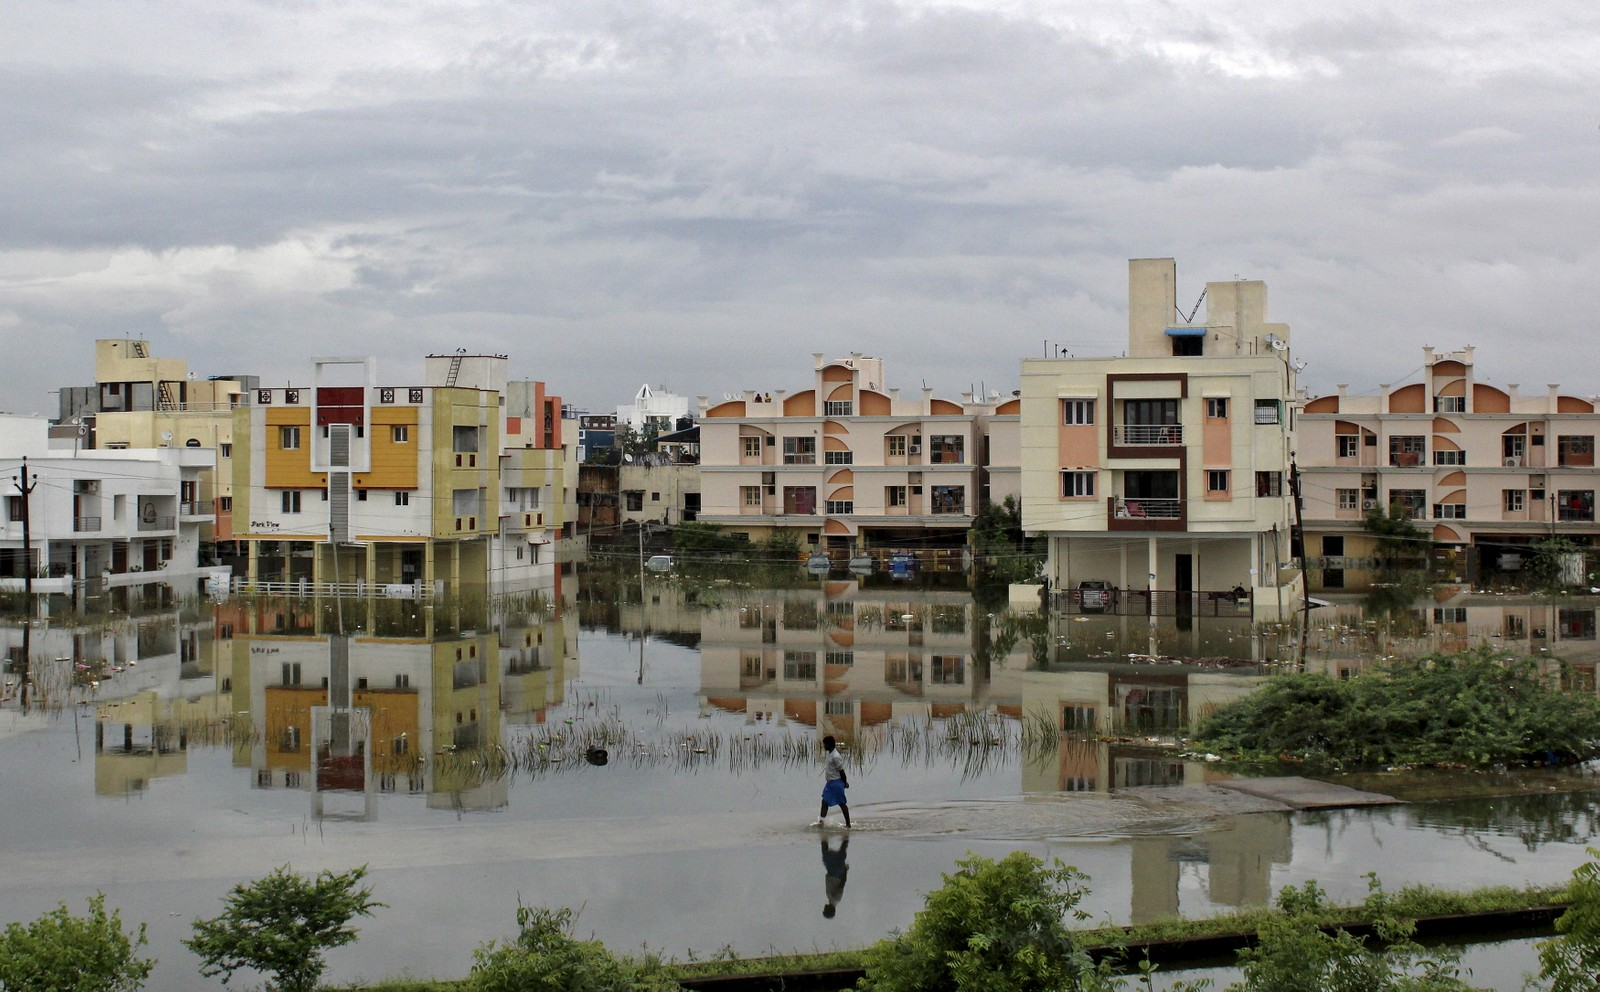 Både folk og hus er hardt råka av regnet som har falt i Chennai den siste tida.